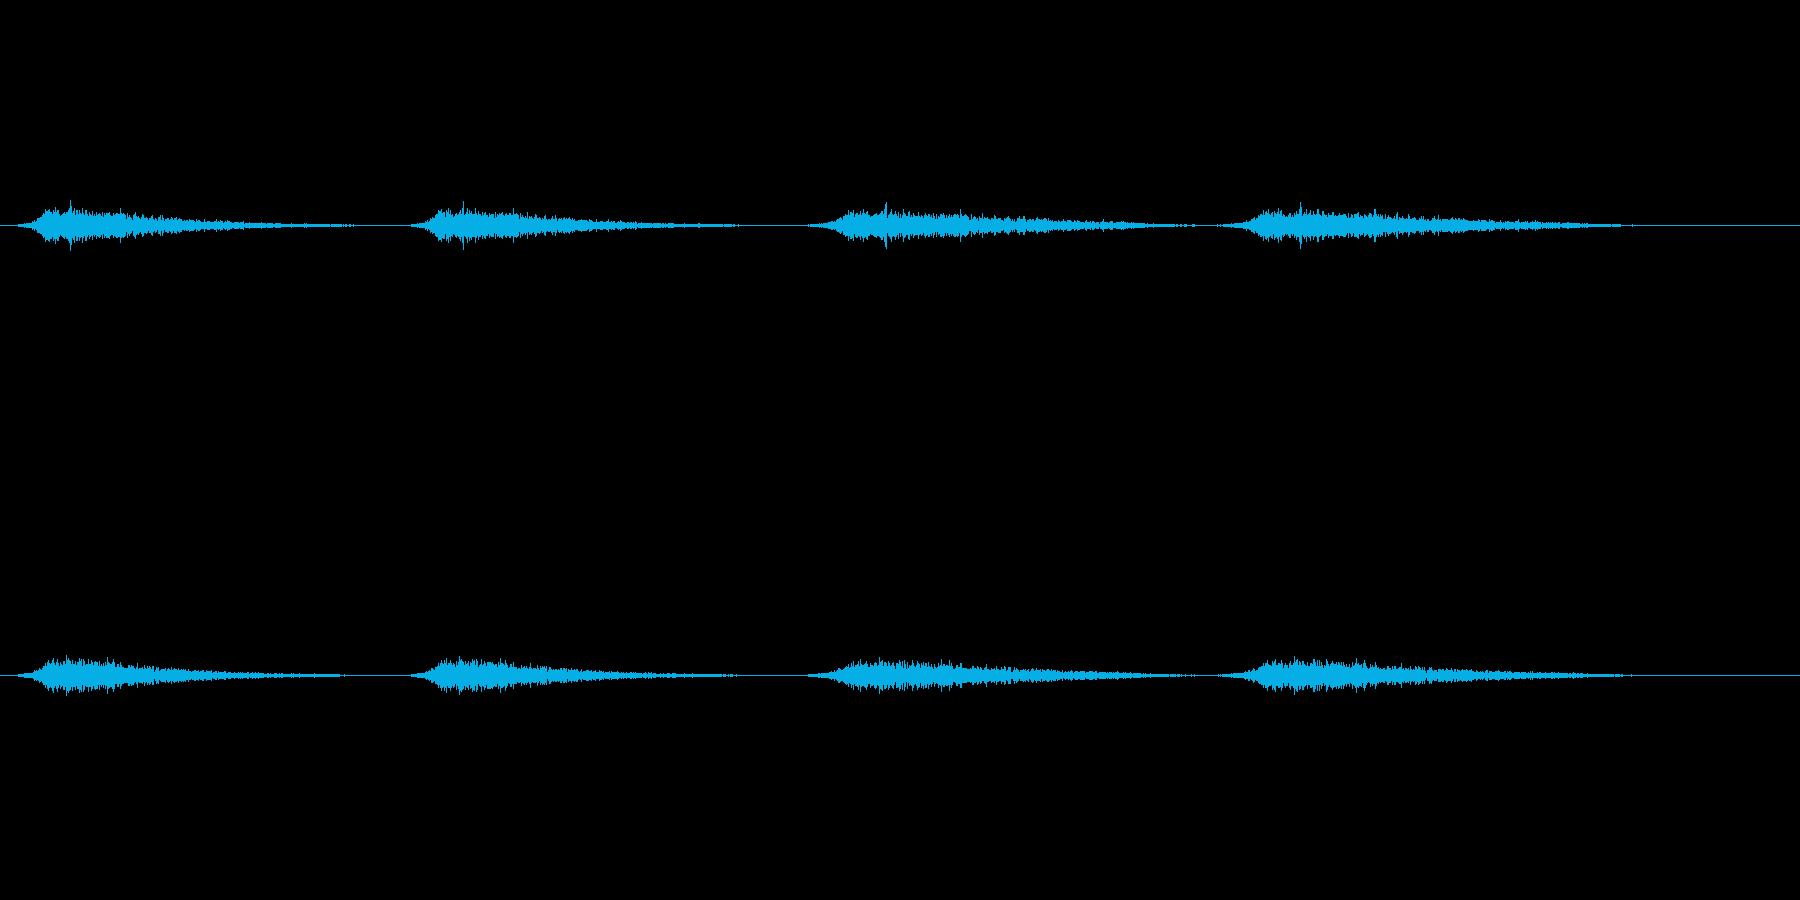 幽霊の声3の再生済みの波形